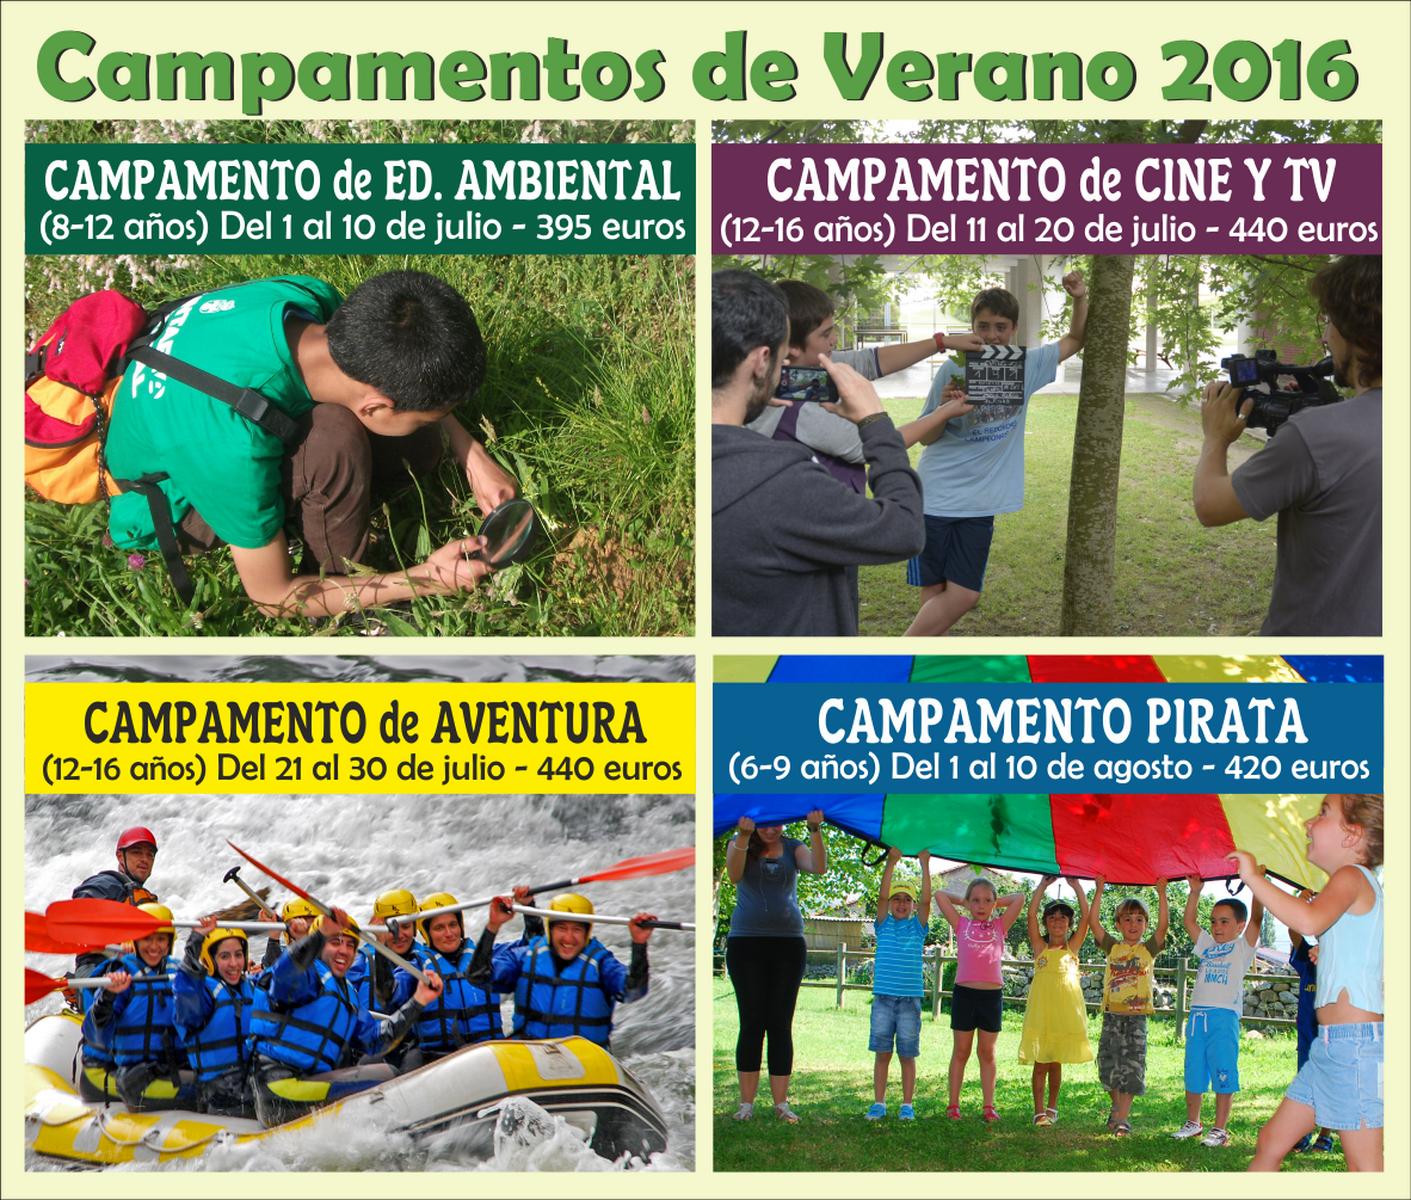 campamentos 2016 web